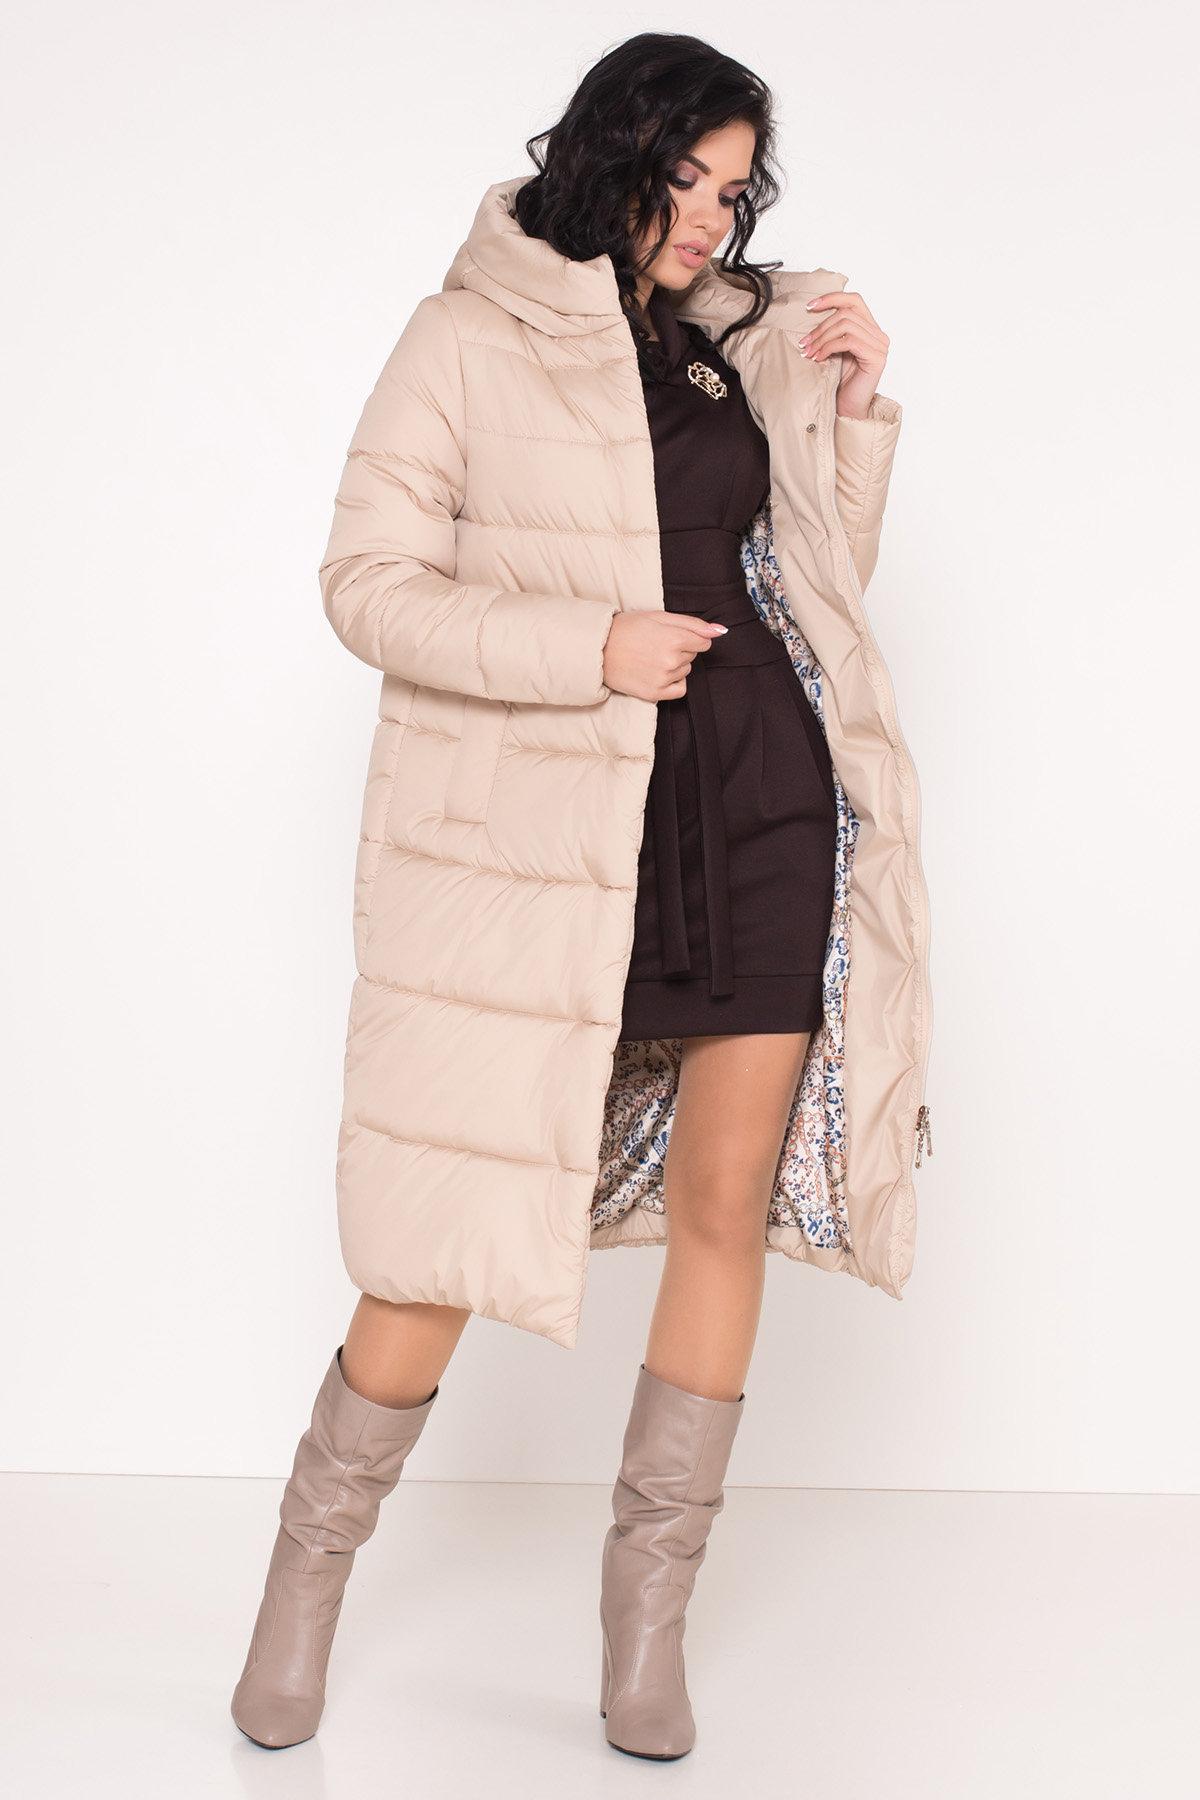 Трикотажное платье Вассаби 8478 АРТ. 44906 Цвет: Шоколад - фото 8, интернет магазин tm-modus.ru